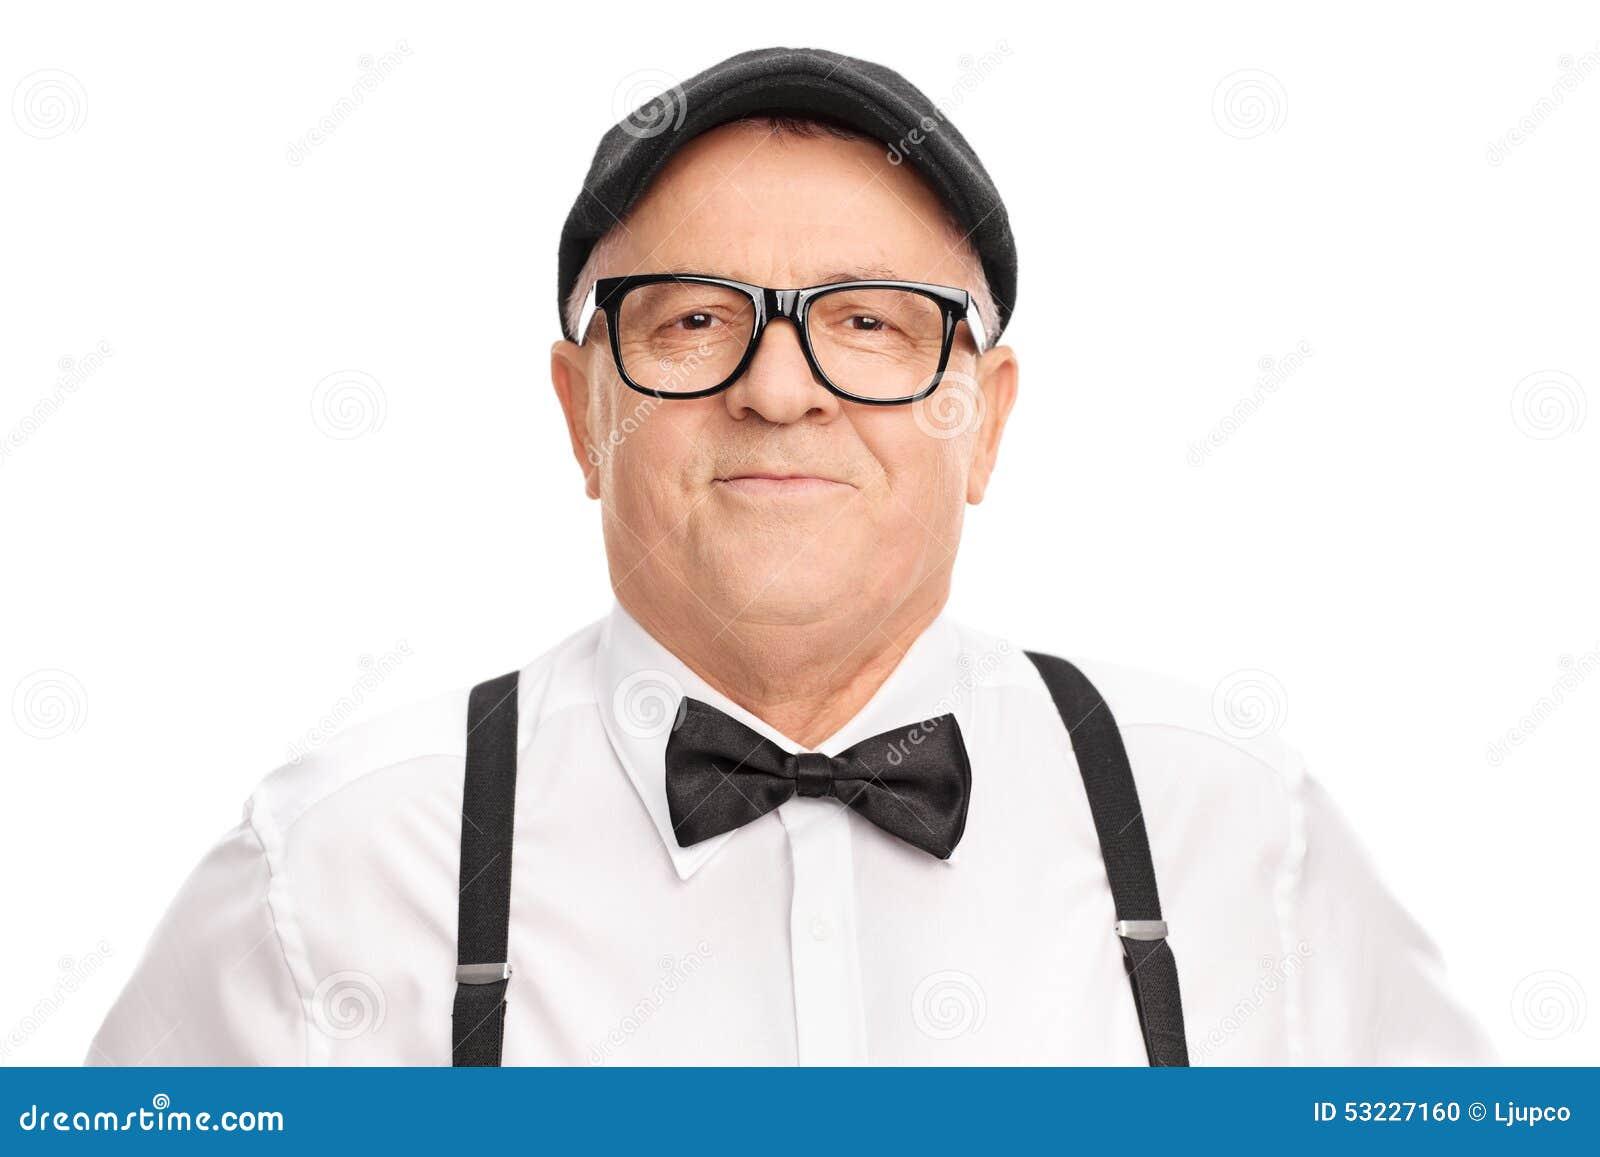 Retrato de un mayor elegante con una boina y una corbata de lazo